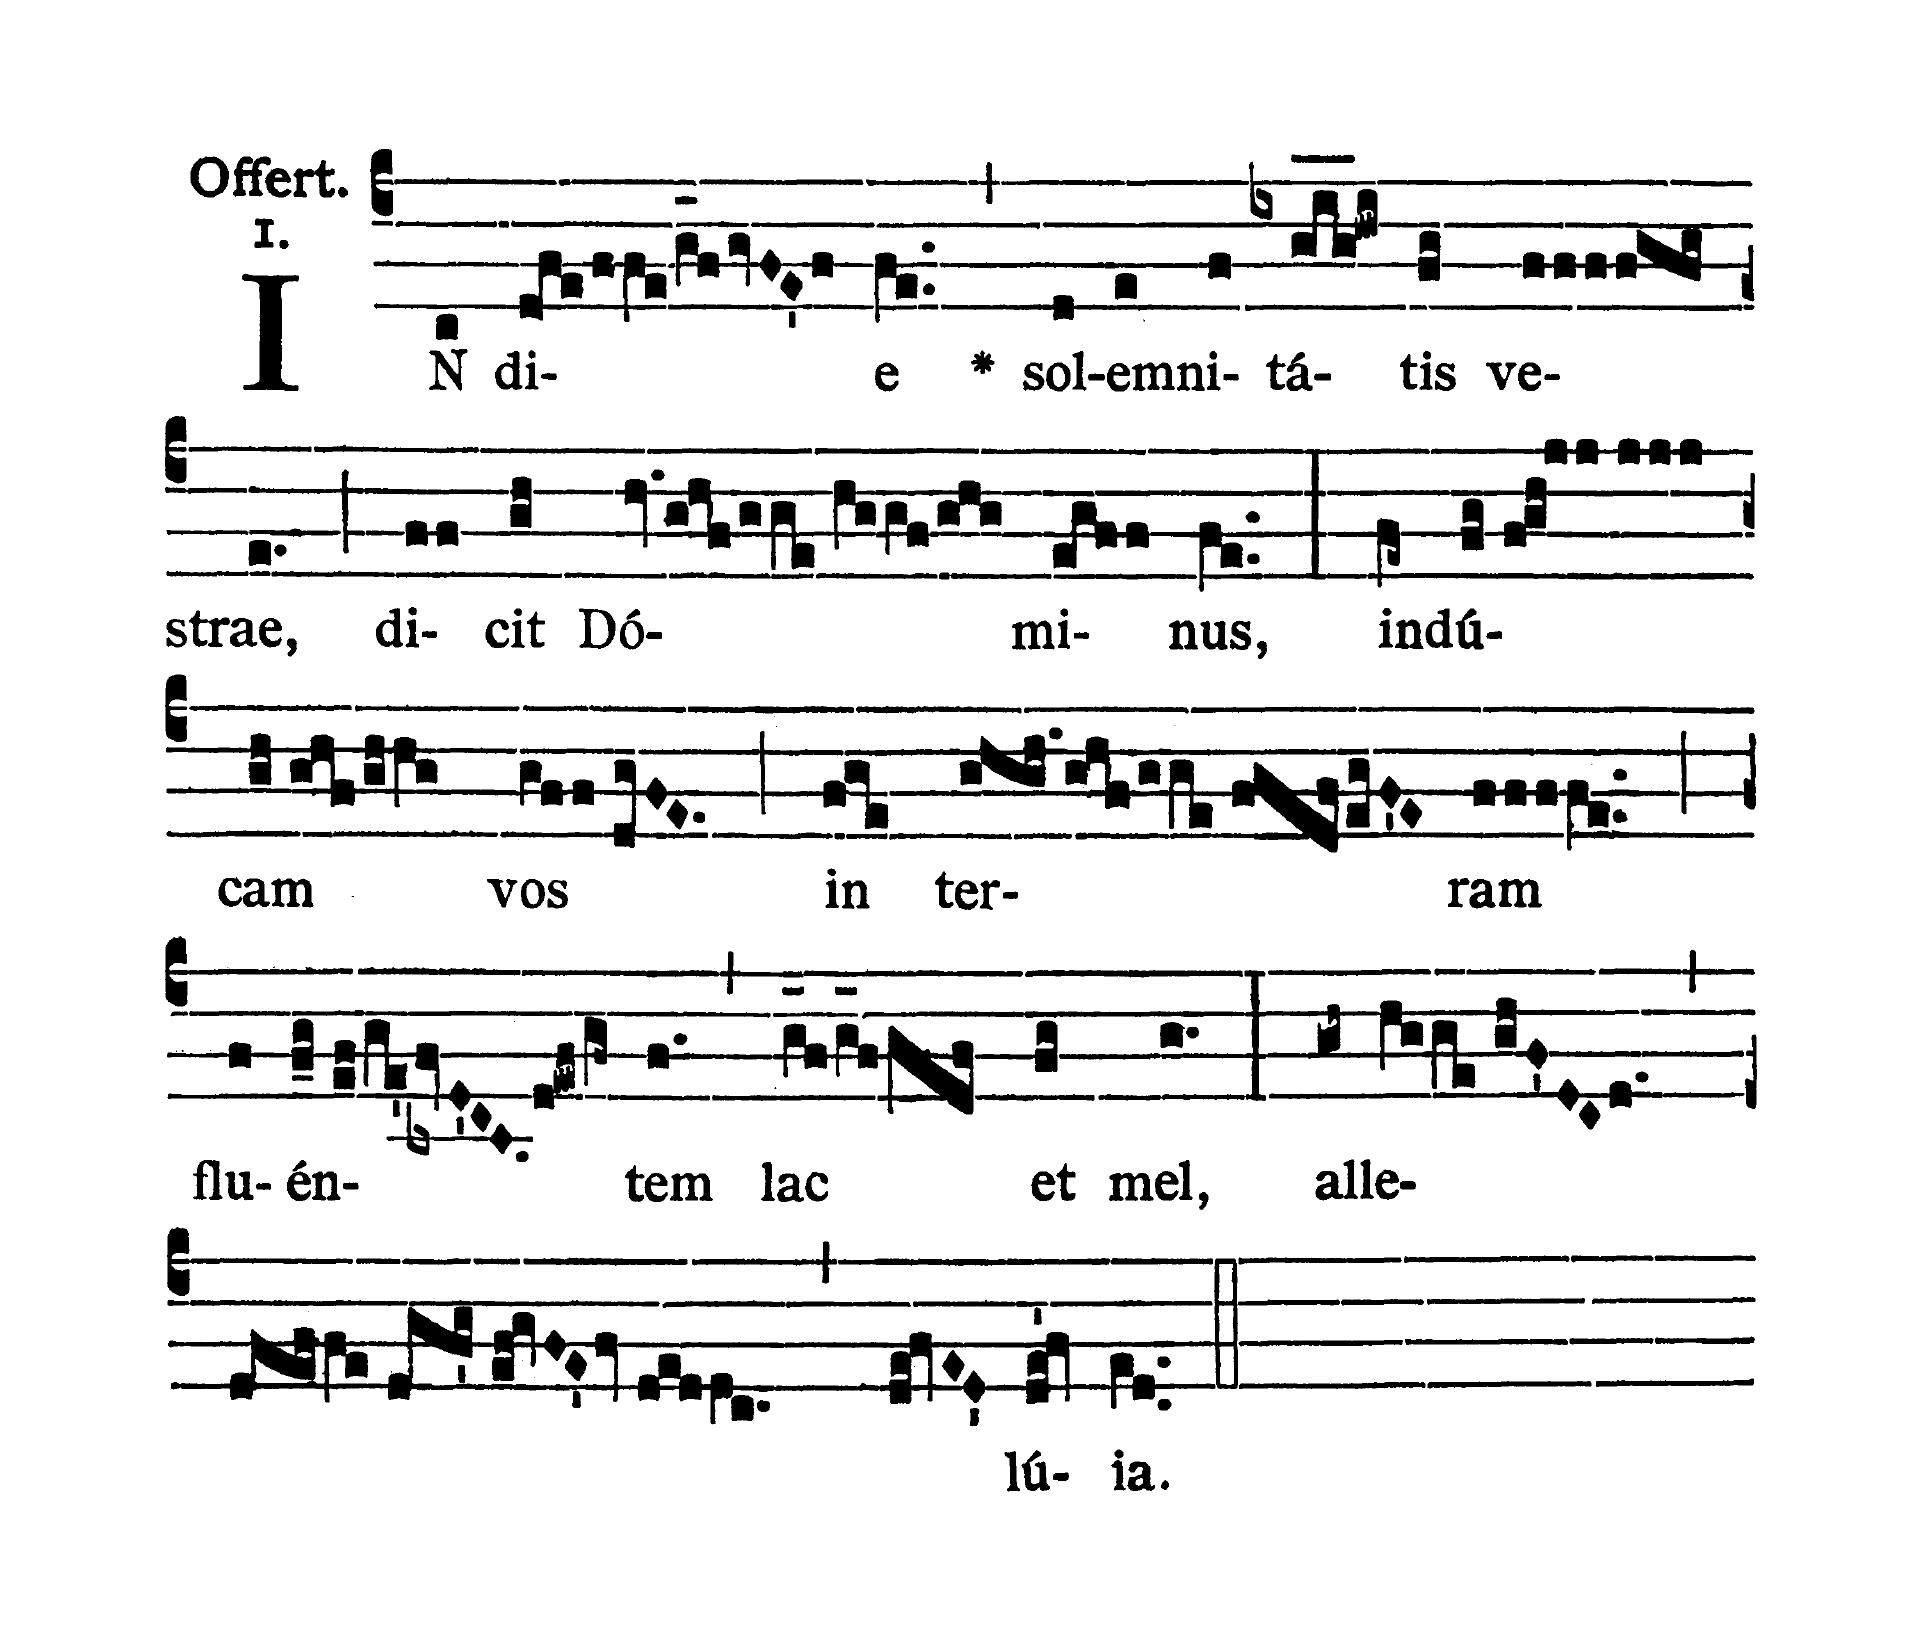 Feria quinta post Pascha (Czwartek Wielkanocny) - Offertorium (In die solemnitatis)